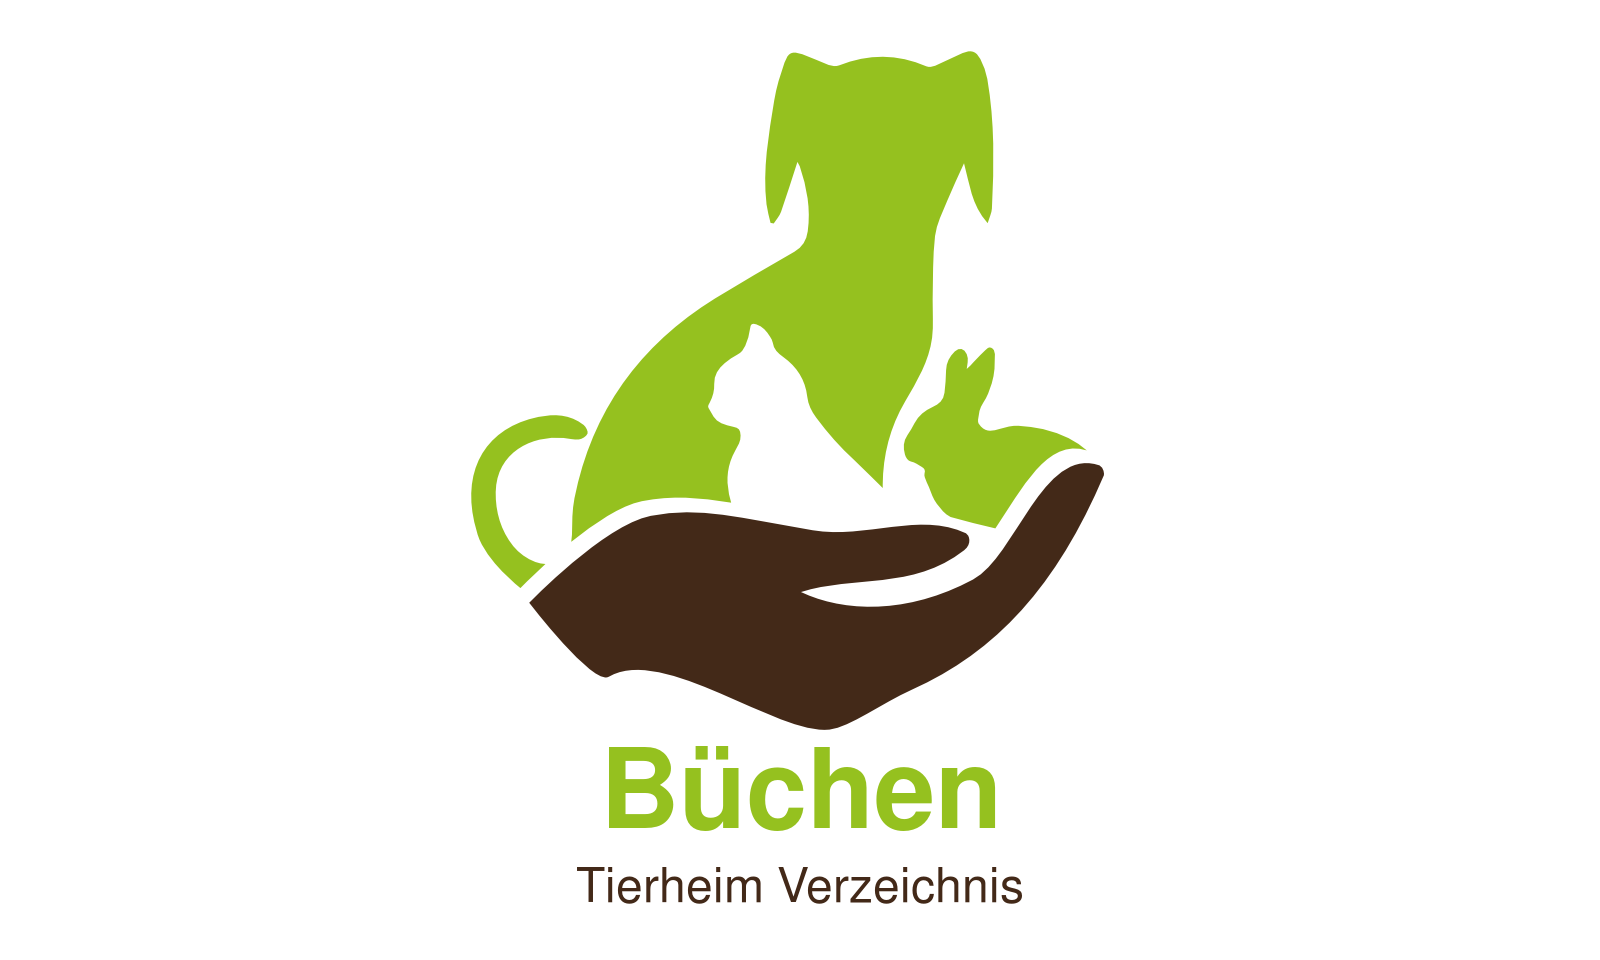 Tierheim Büchen